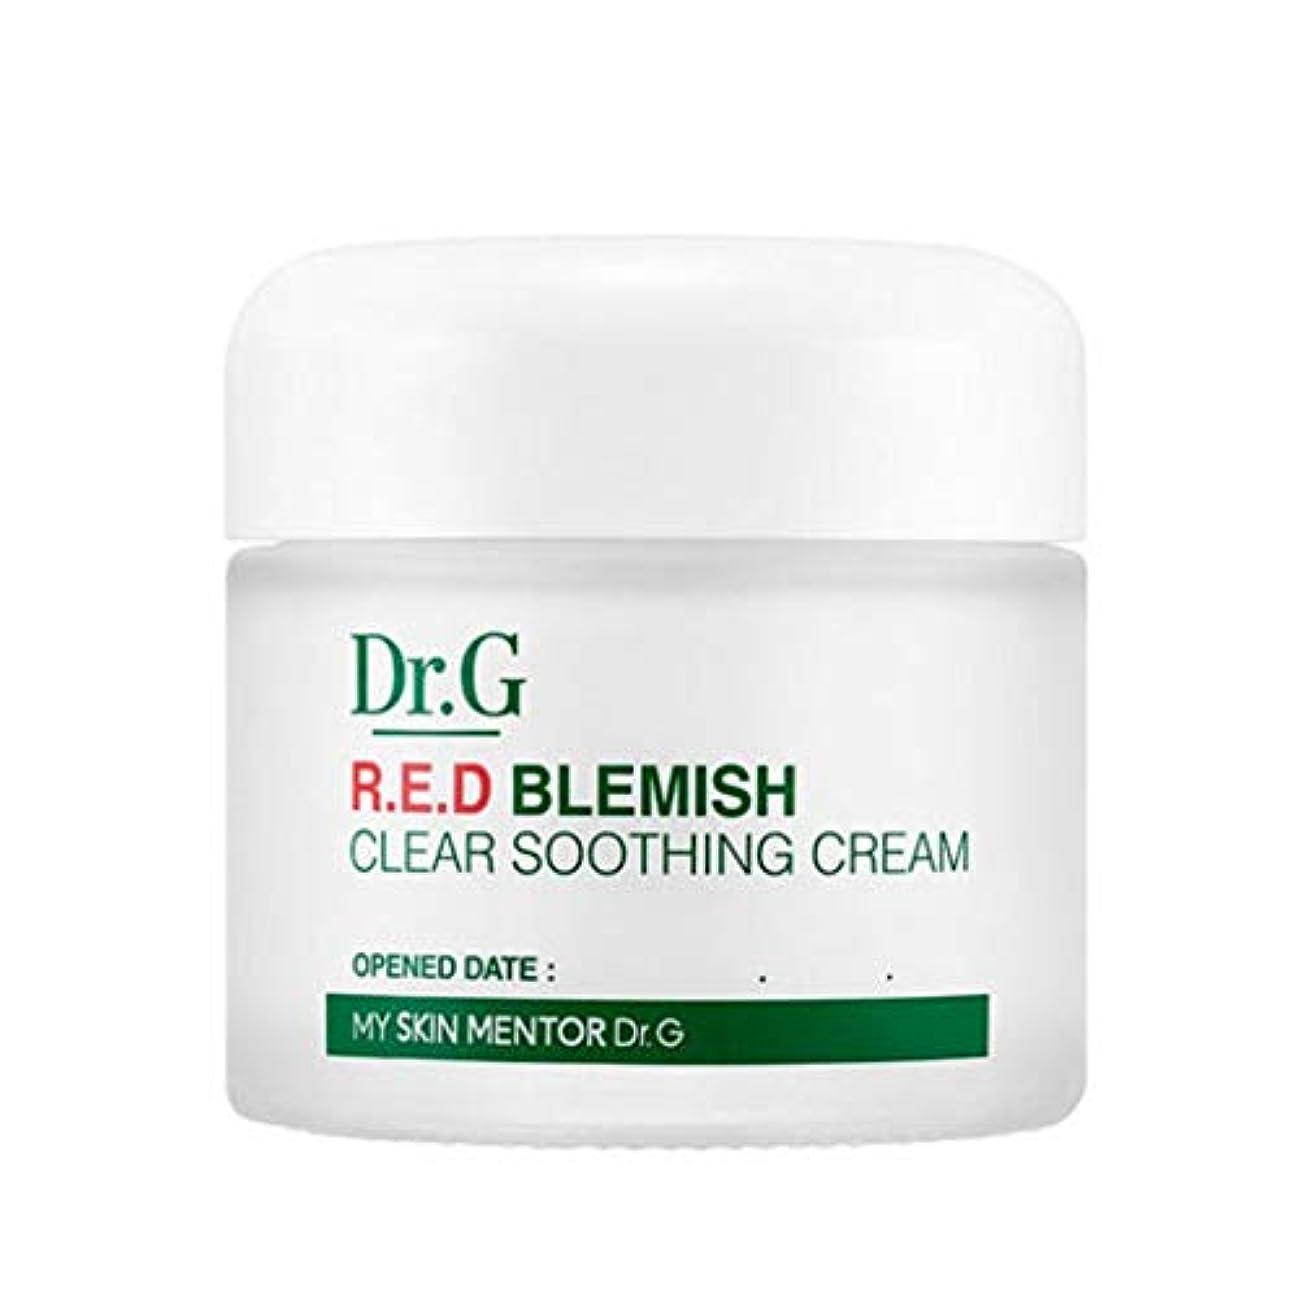 喉頭羊の服を着た狼発症ドクターGレッドブレミッシュクリアスージングクリーム70ml水分クリーム、Dr.G Red Blemish Clear Soothing Cream 70ml Moisturizing Cream [並行輸入品]